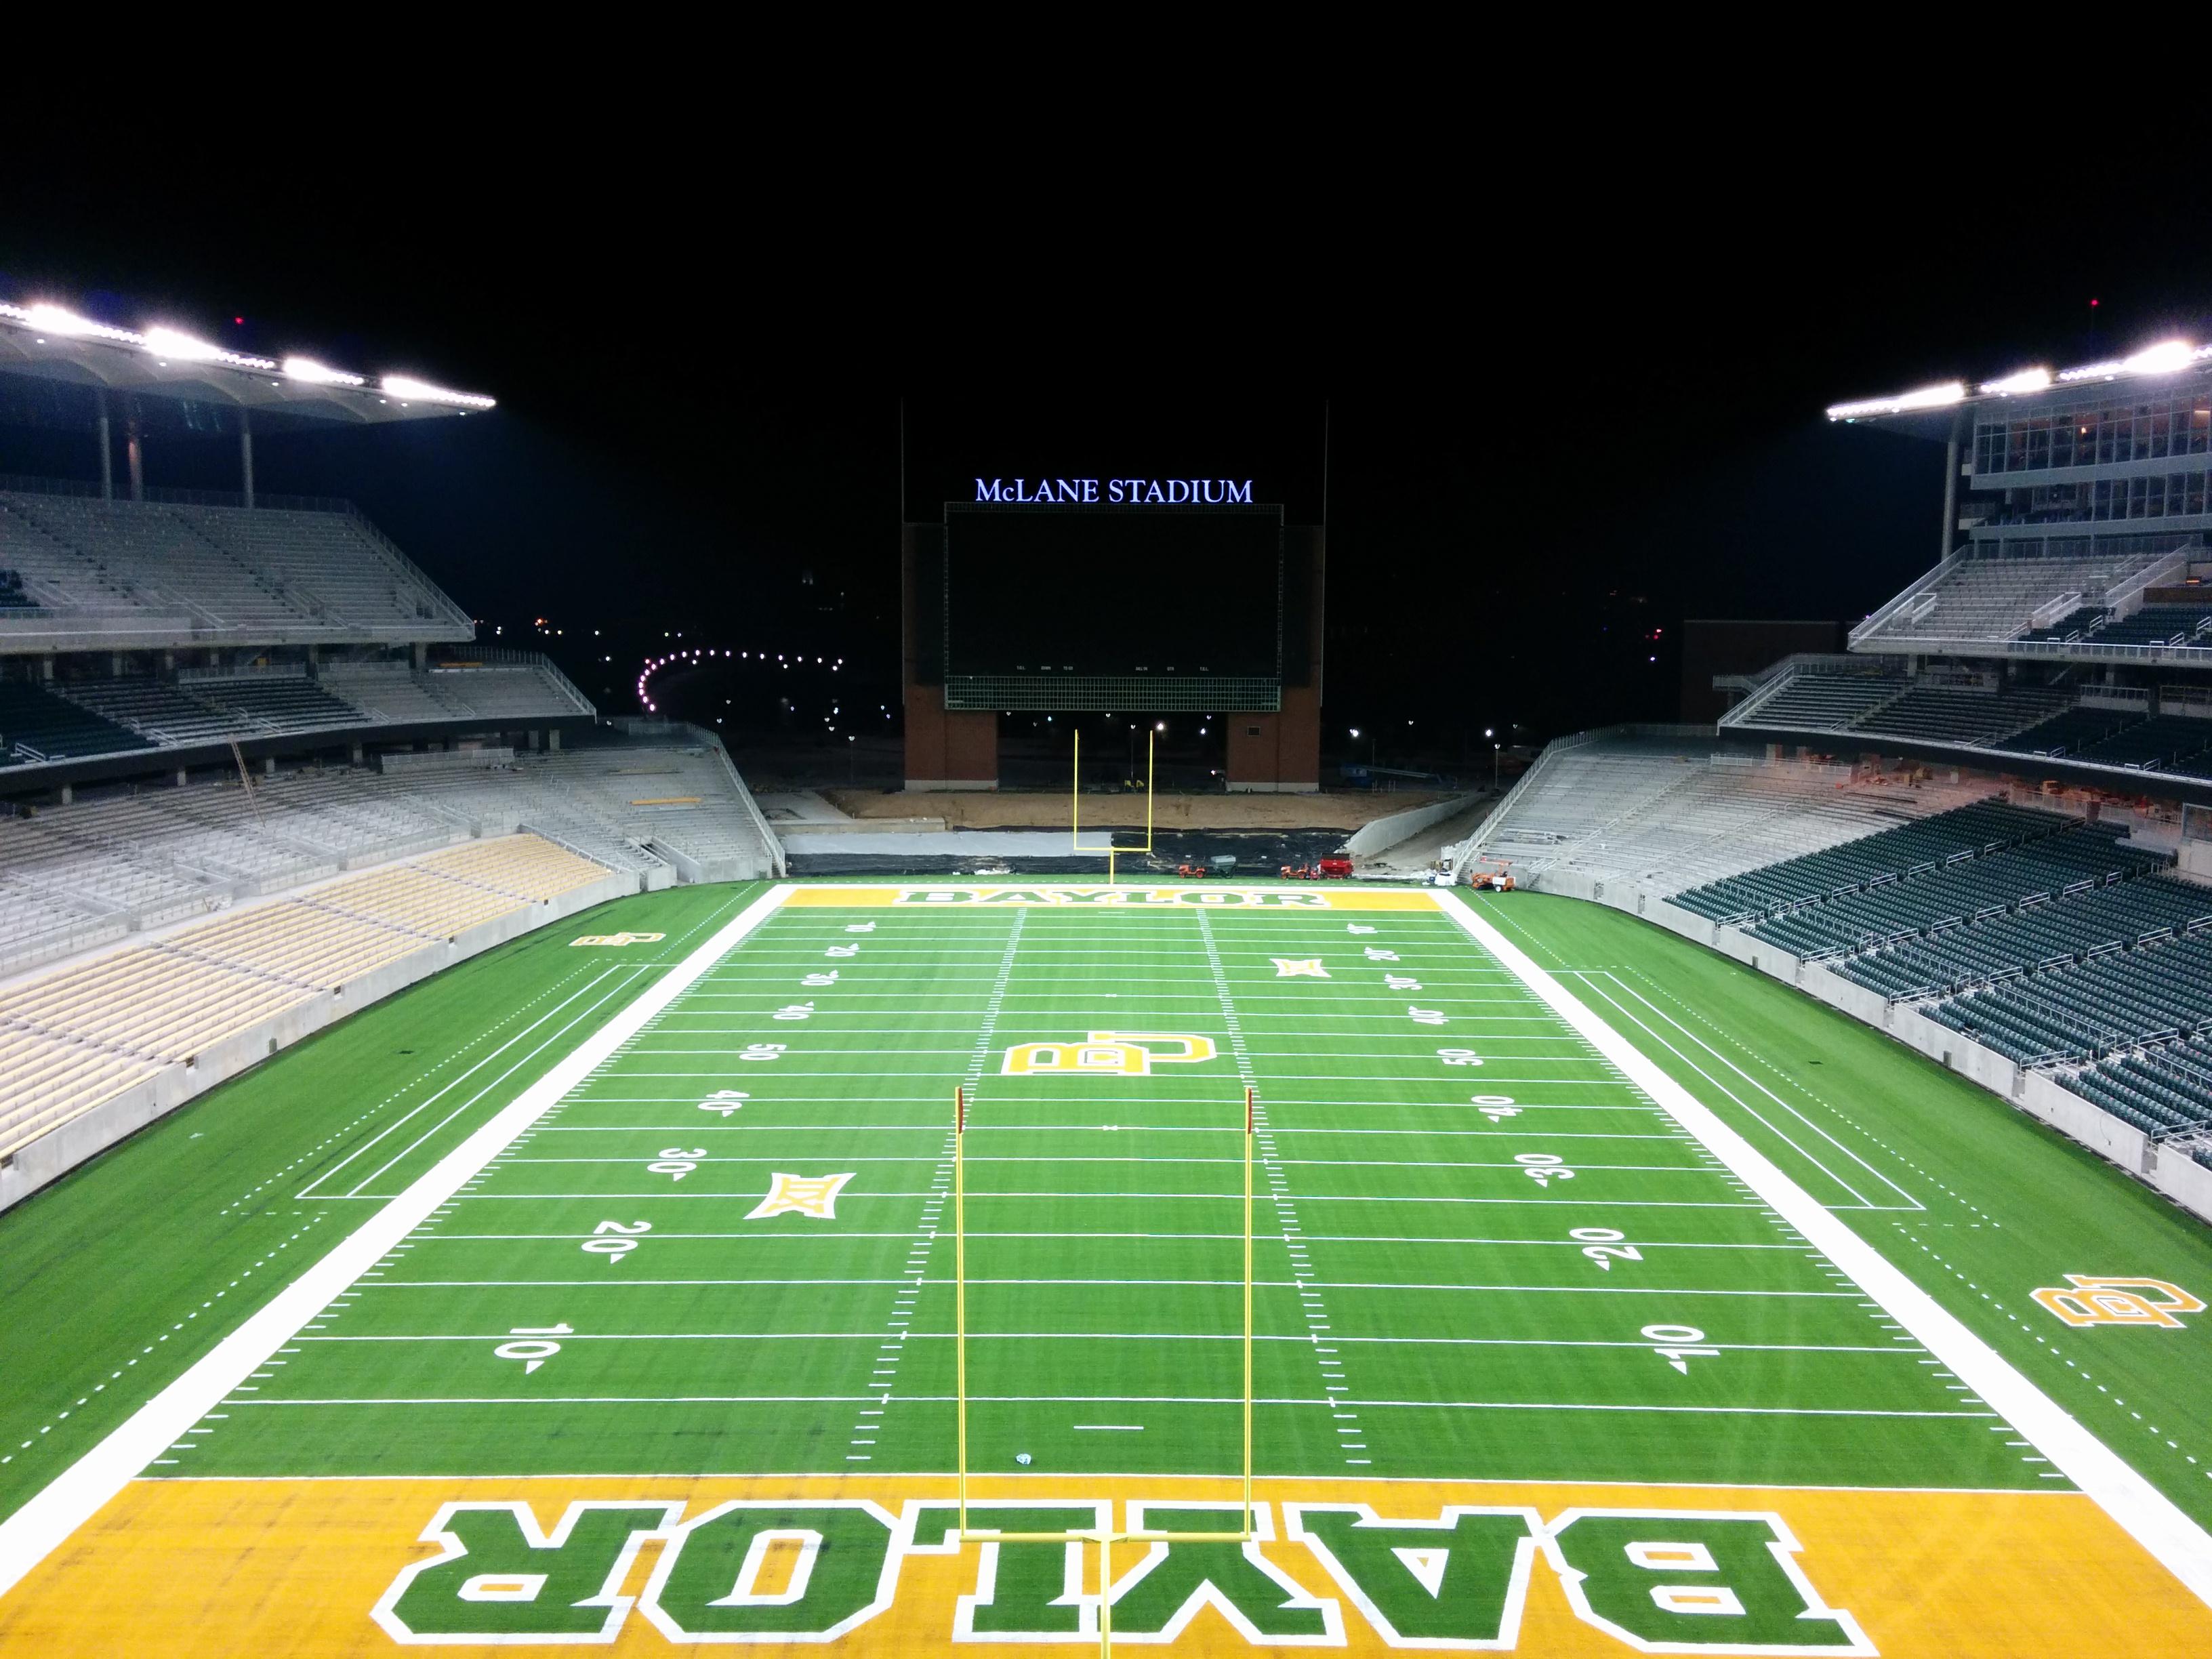 McLane Stadium facingsouth7 16 14